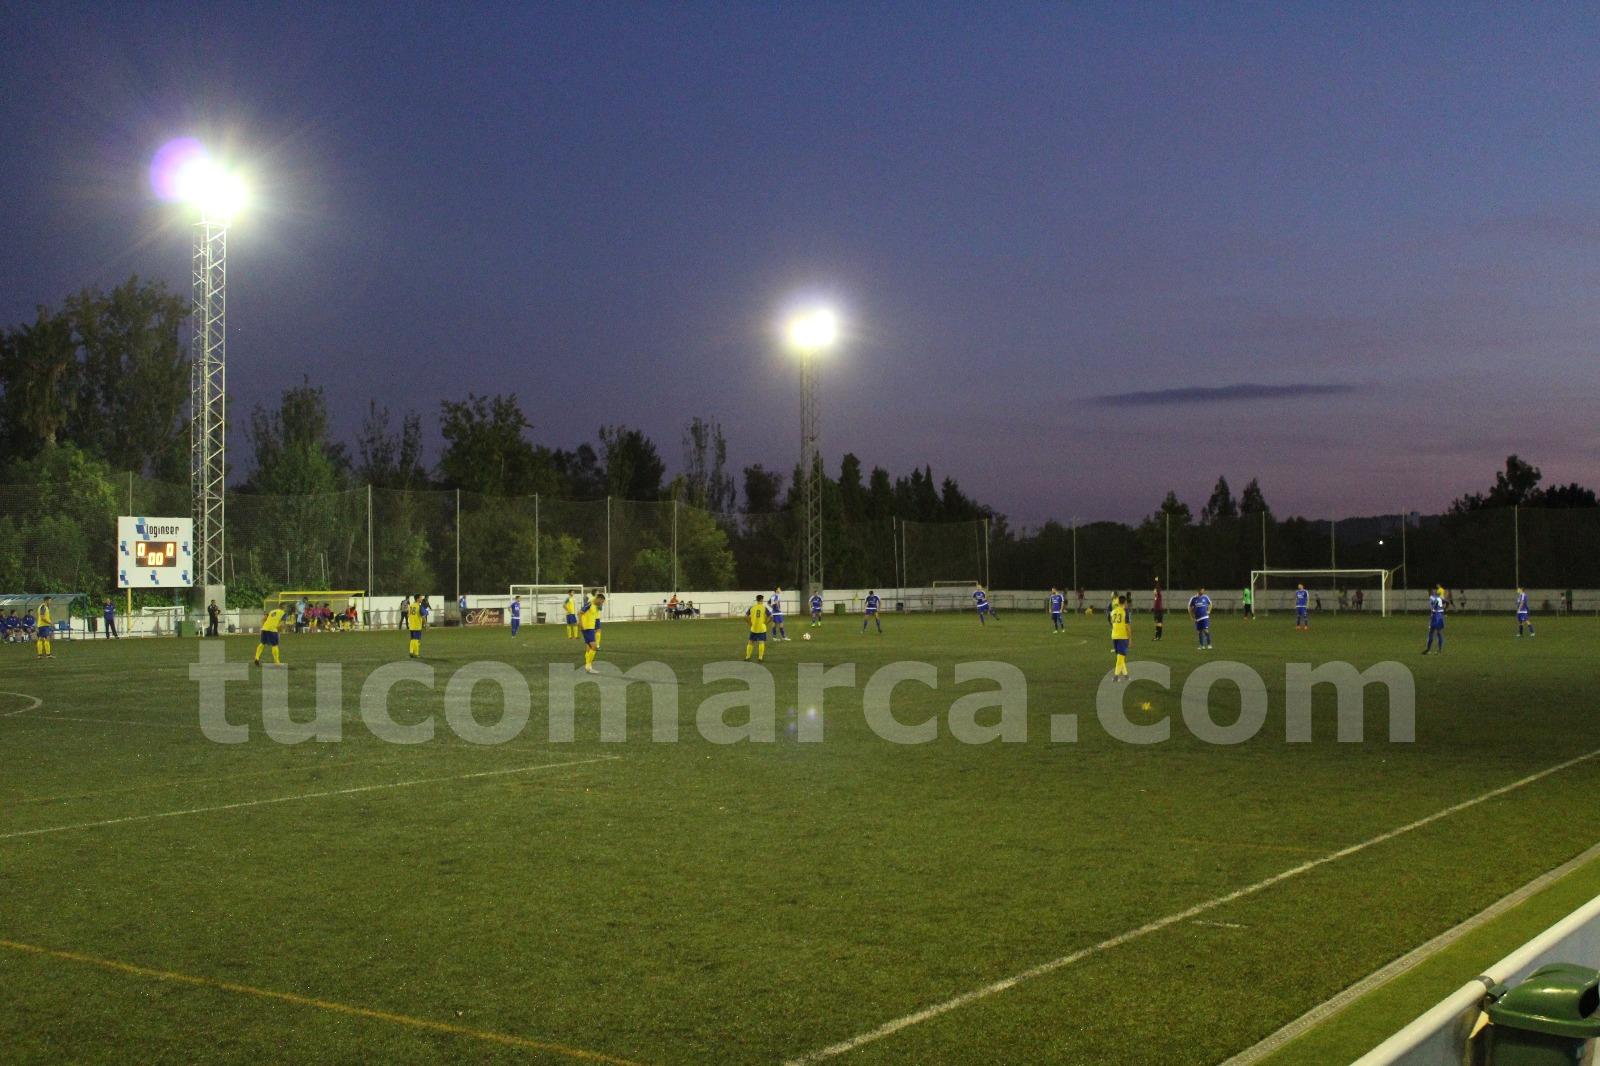 El CD Cheste y el Monte Sión han firmado un empate en La Viña este domingo por la tarde.